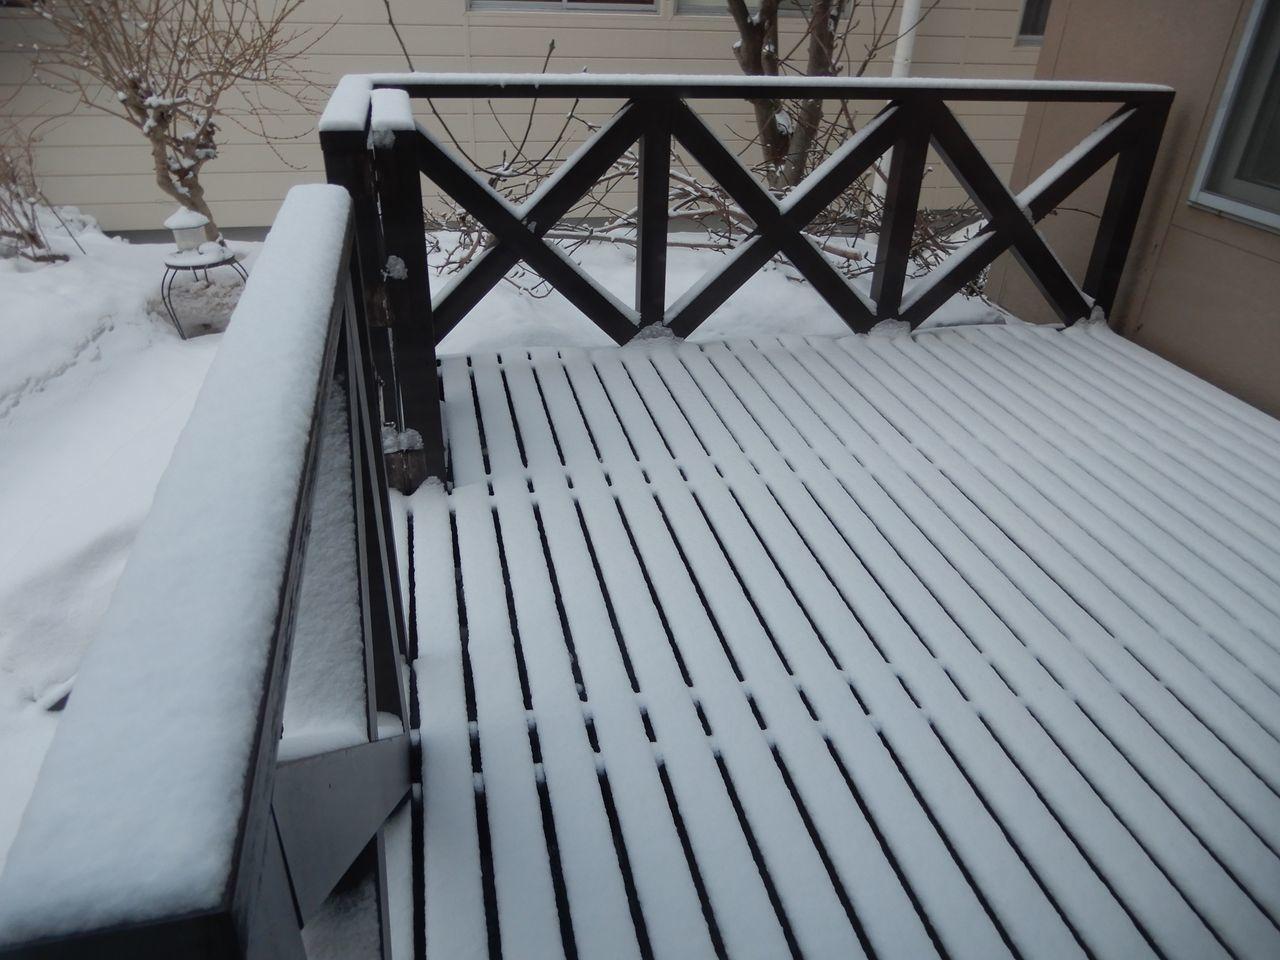 暴風雪はきませんでしたが真冬日が戻ってきました_c0025115_20324603.jpg